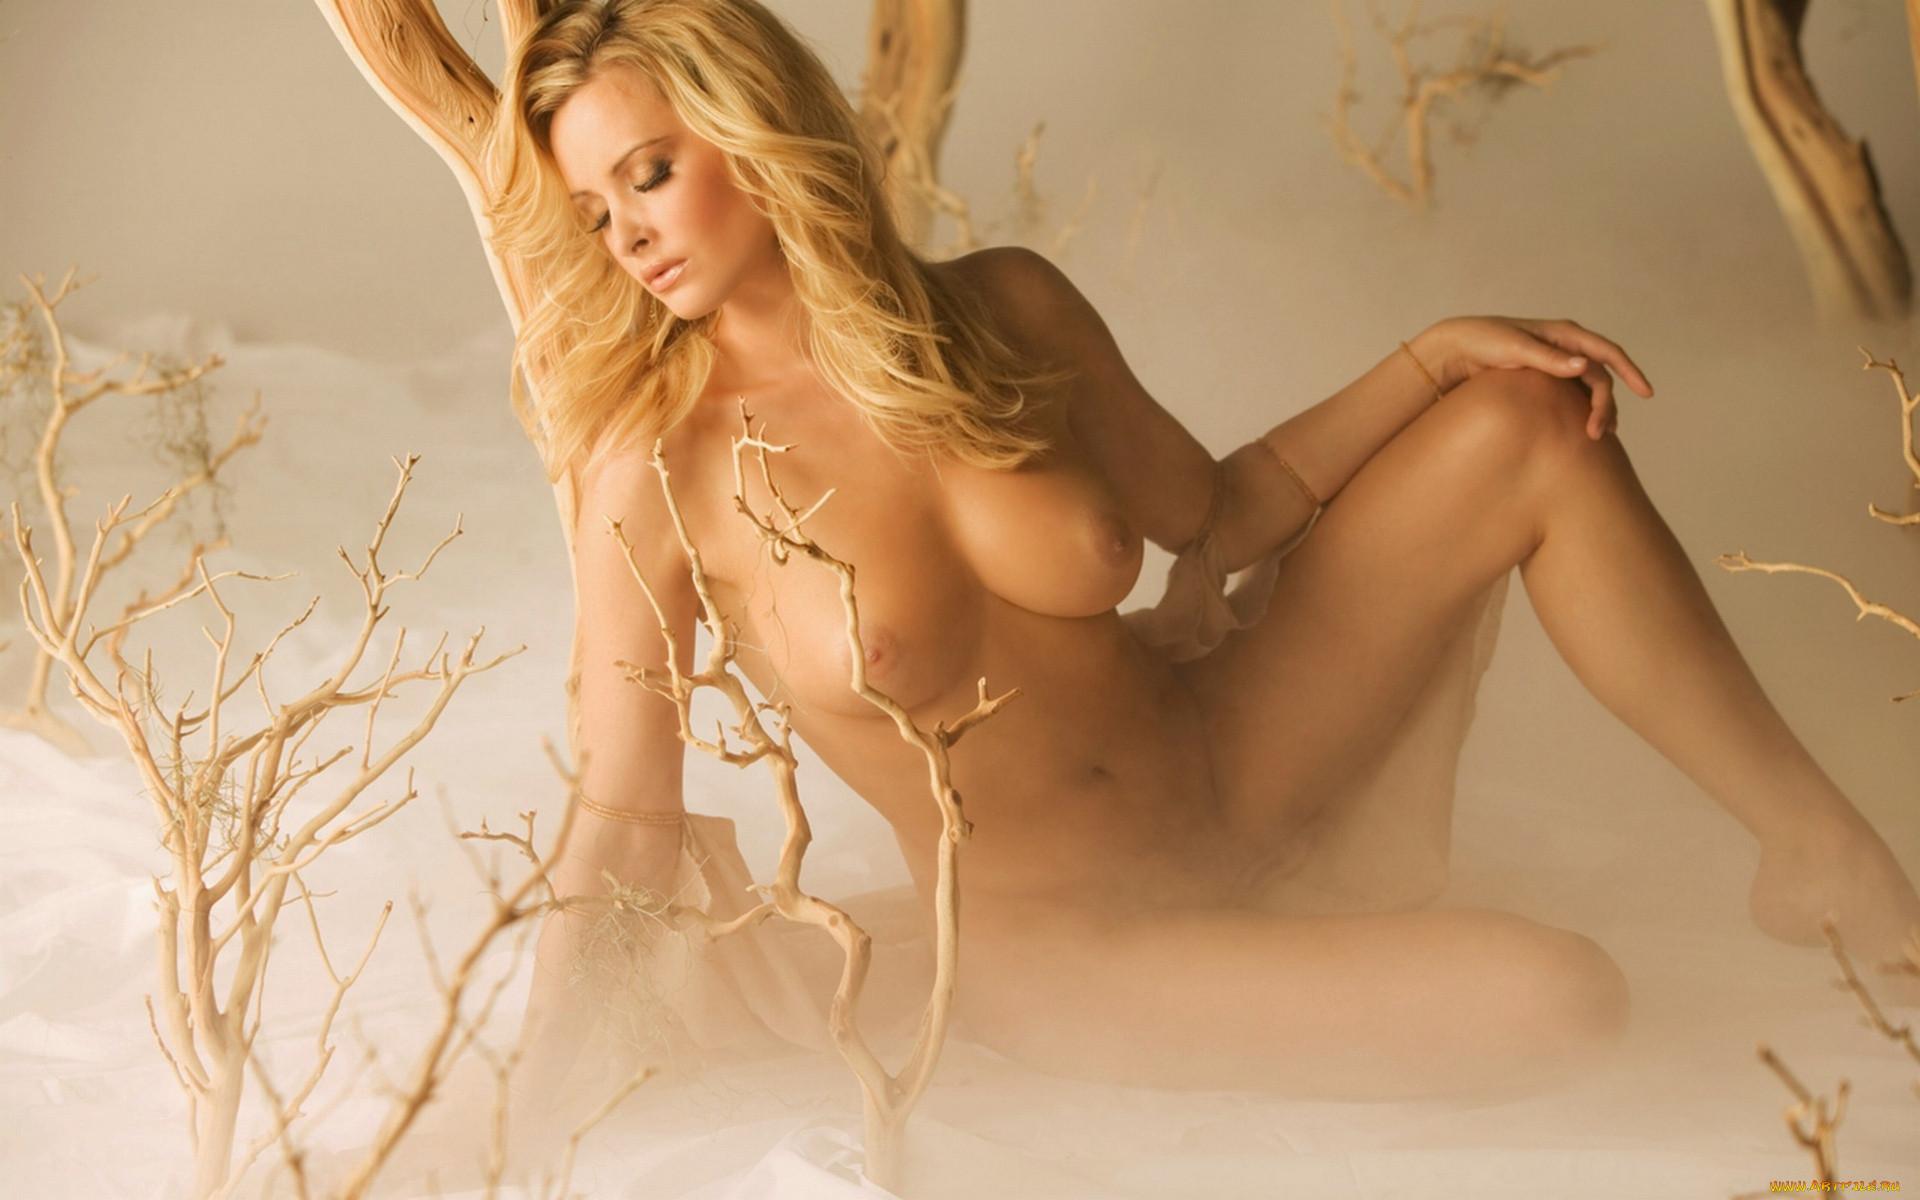 eroticheskie-foto-onlayn-besplatno